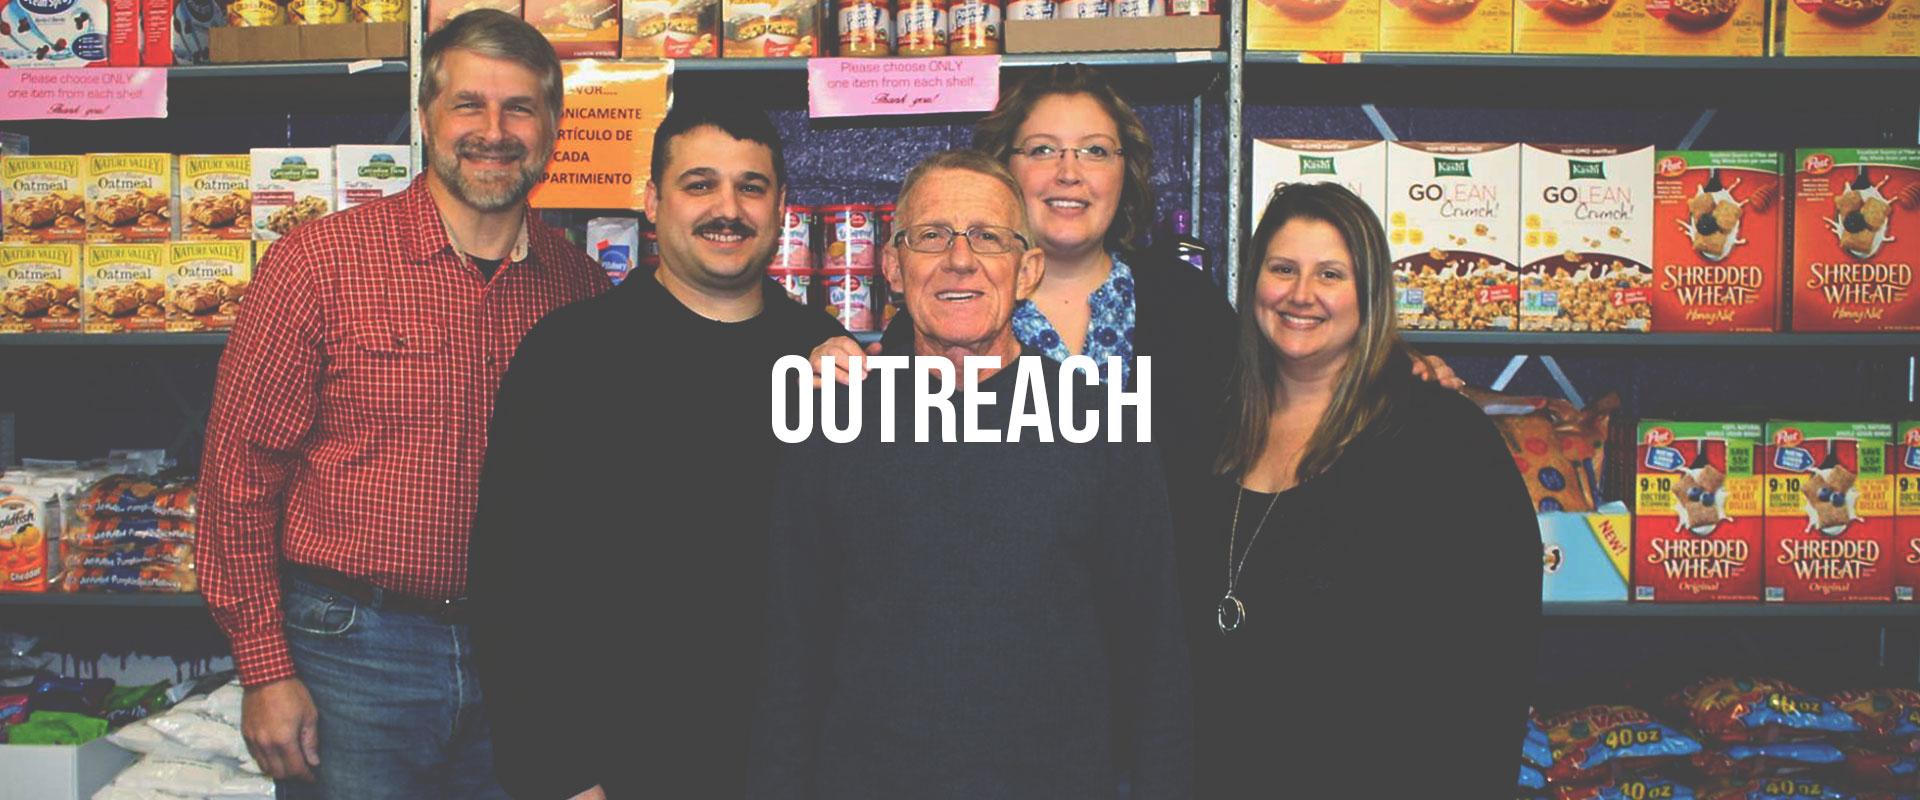 outreach-header